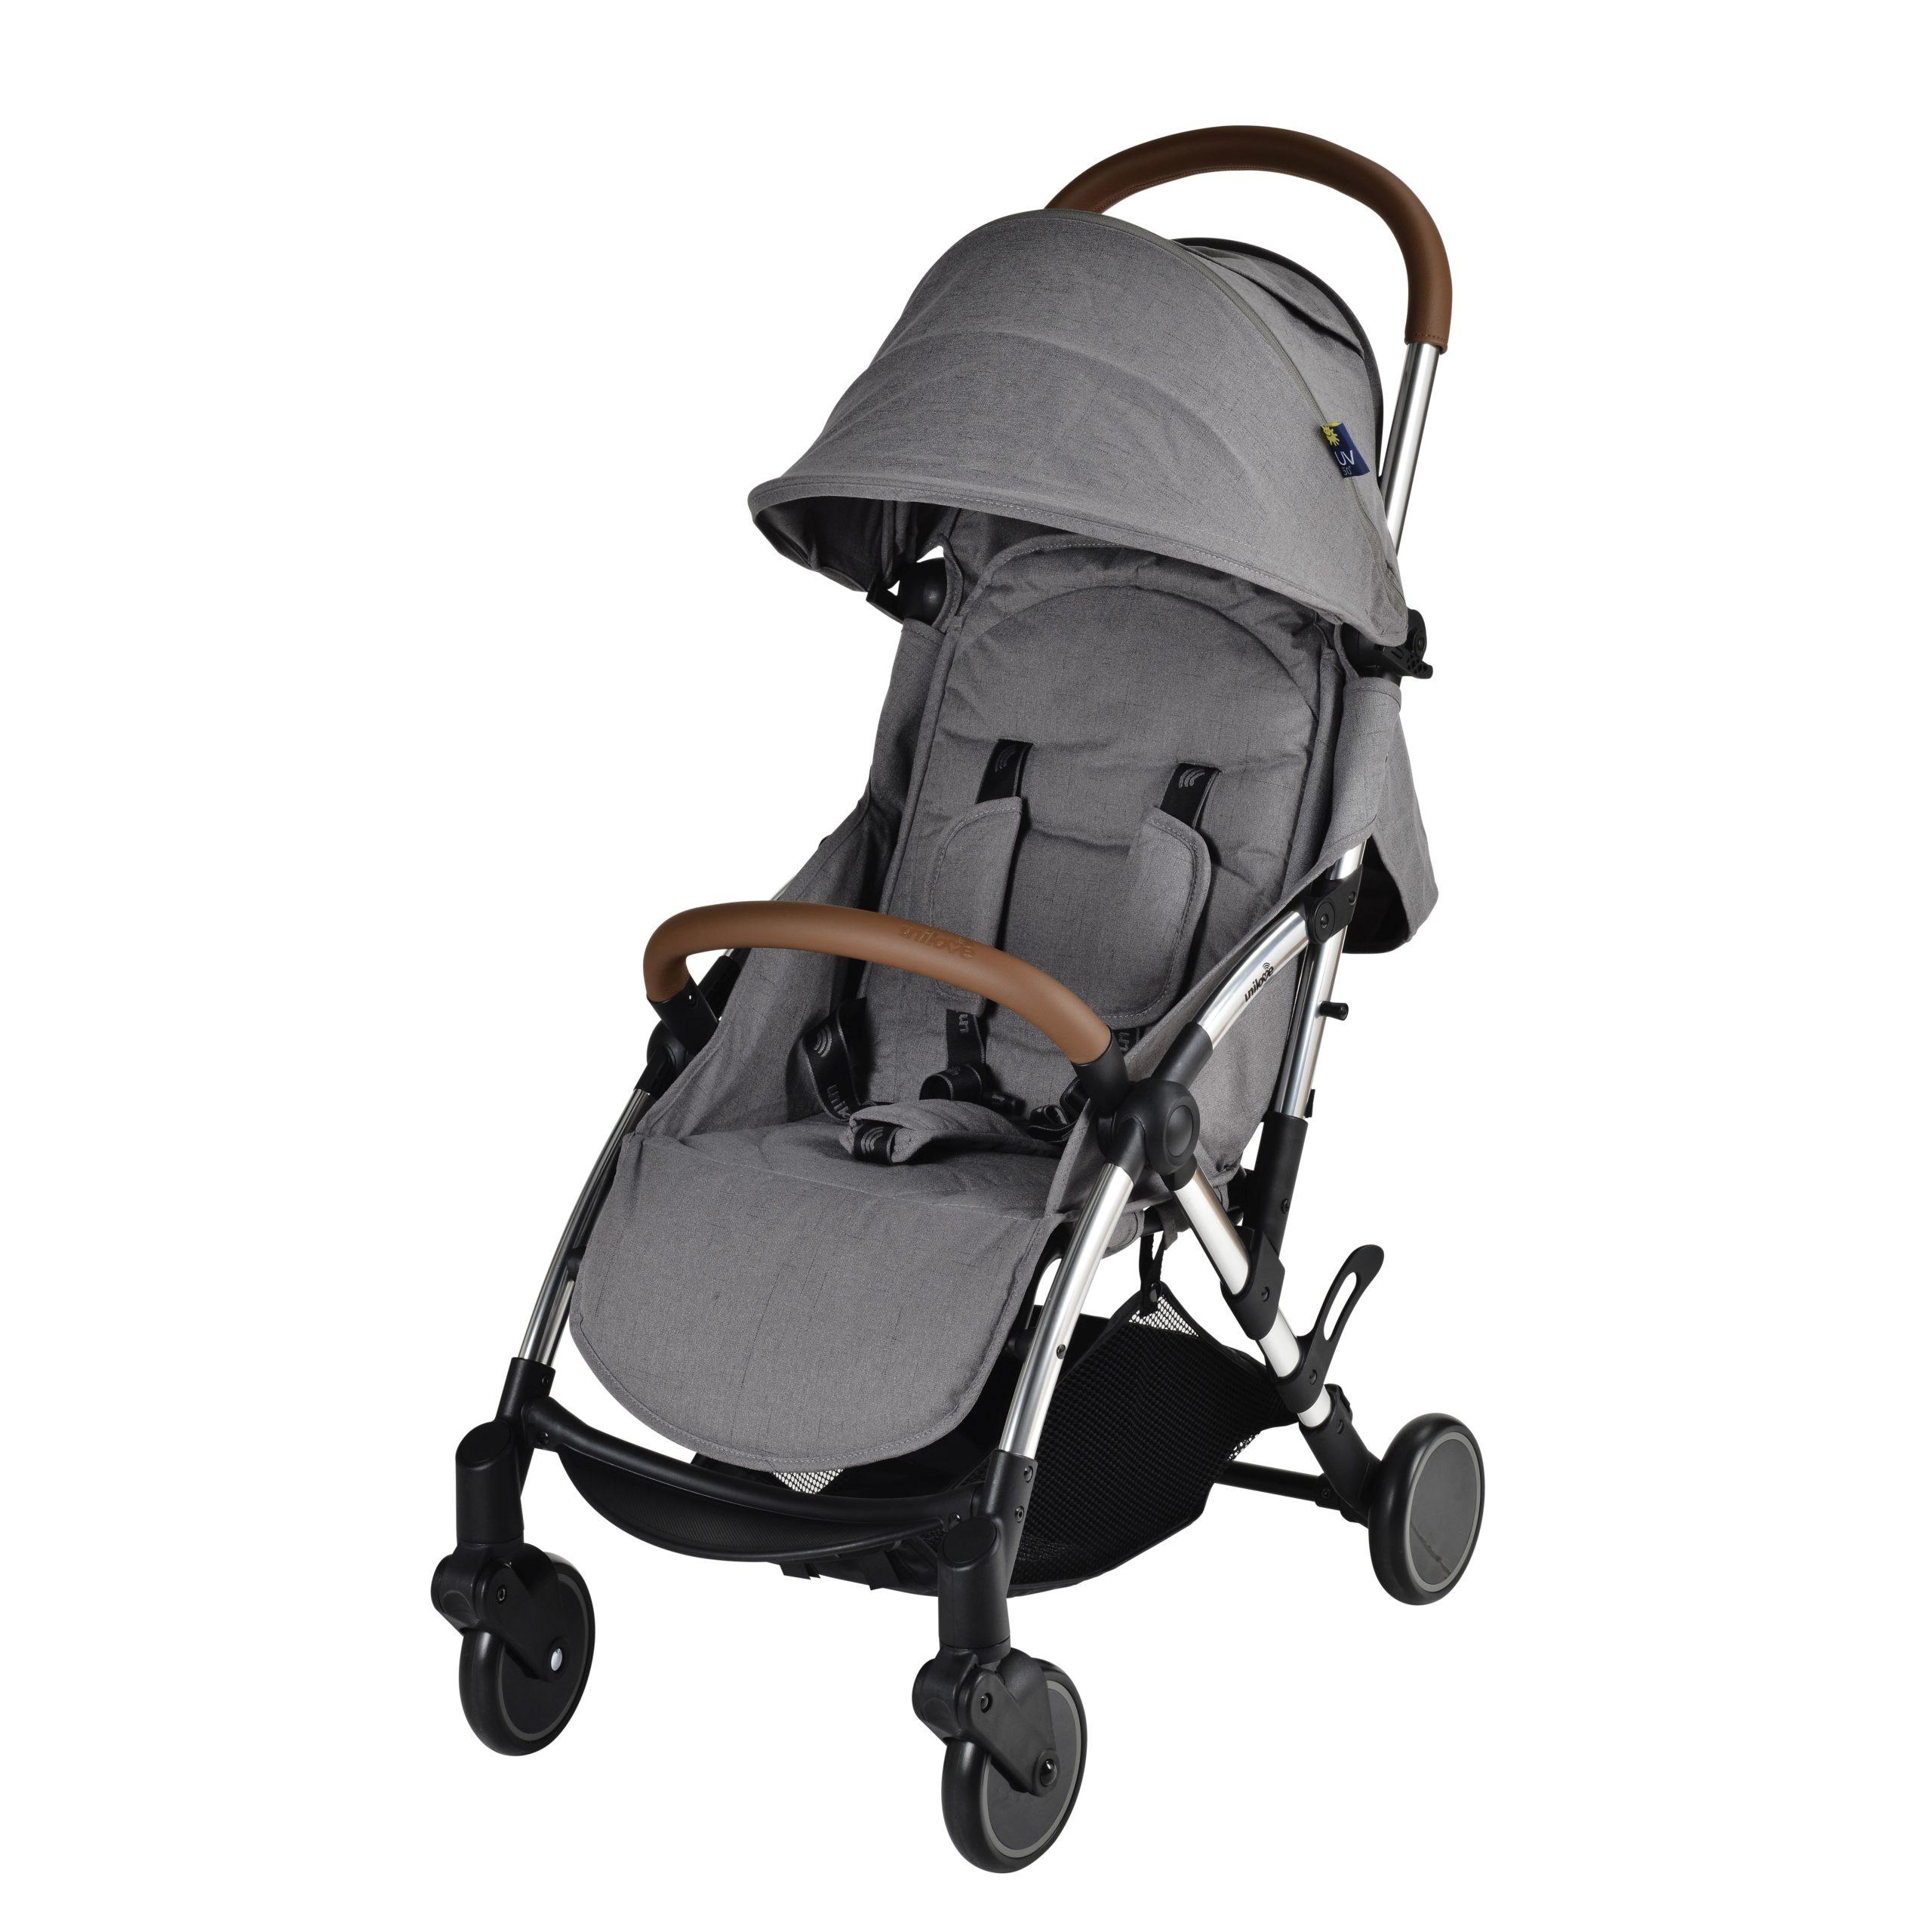 Unilove Slight Premium Pushchair